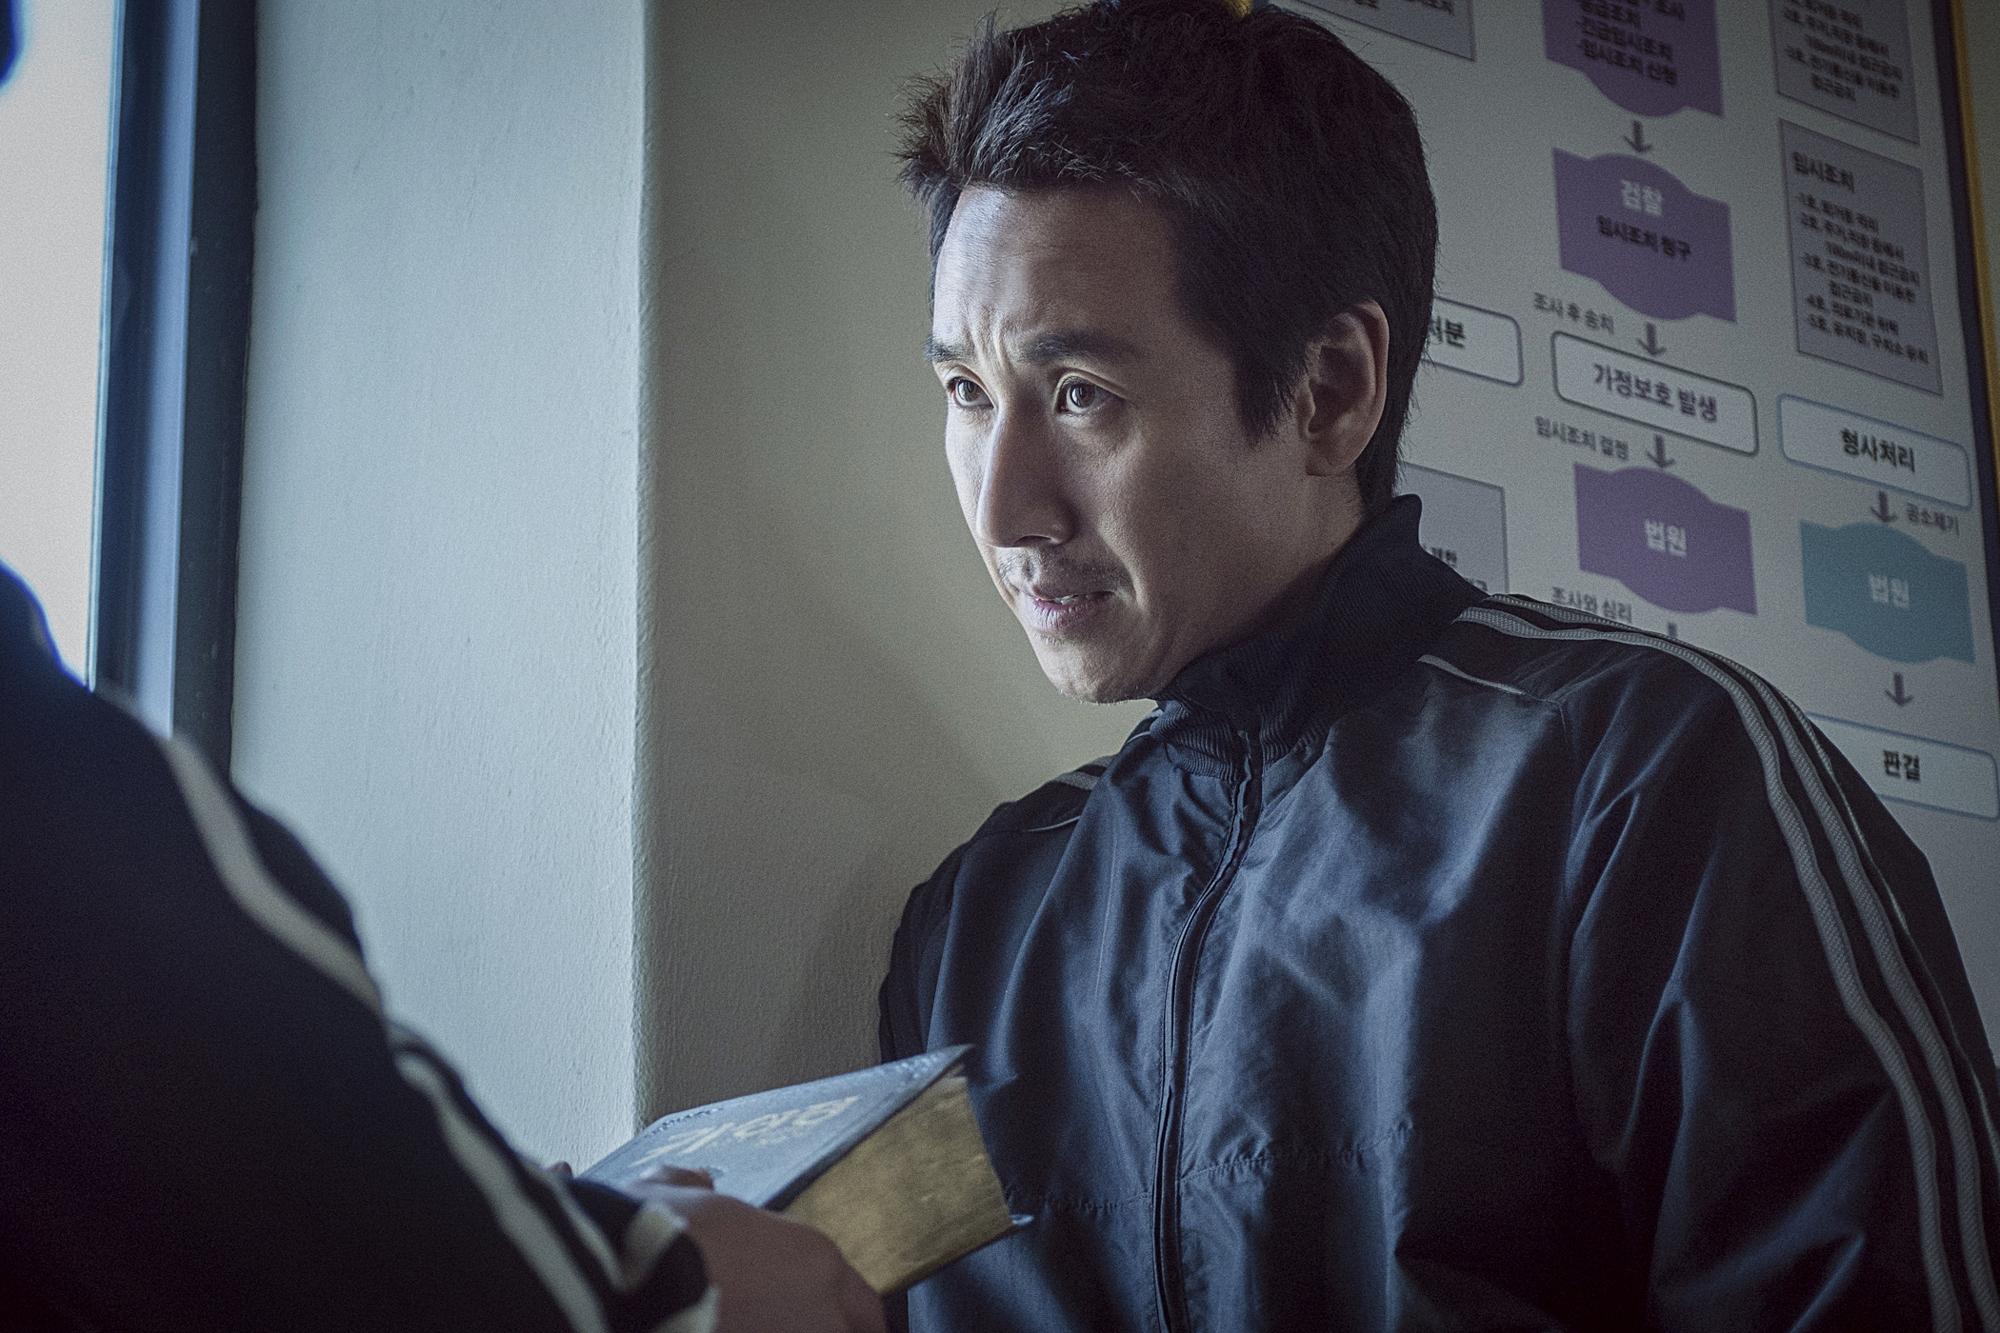 [악질경찰] 이선균의 세계에 초대된 이정범의 캐릭...